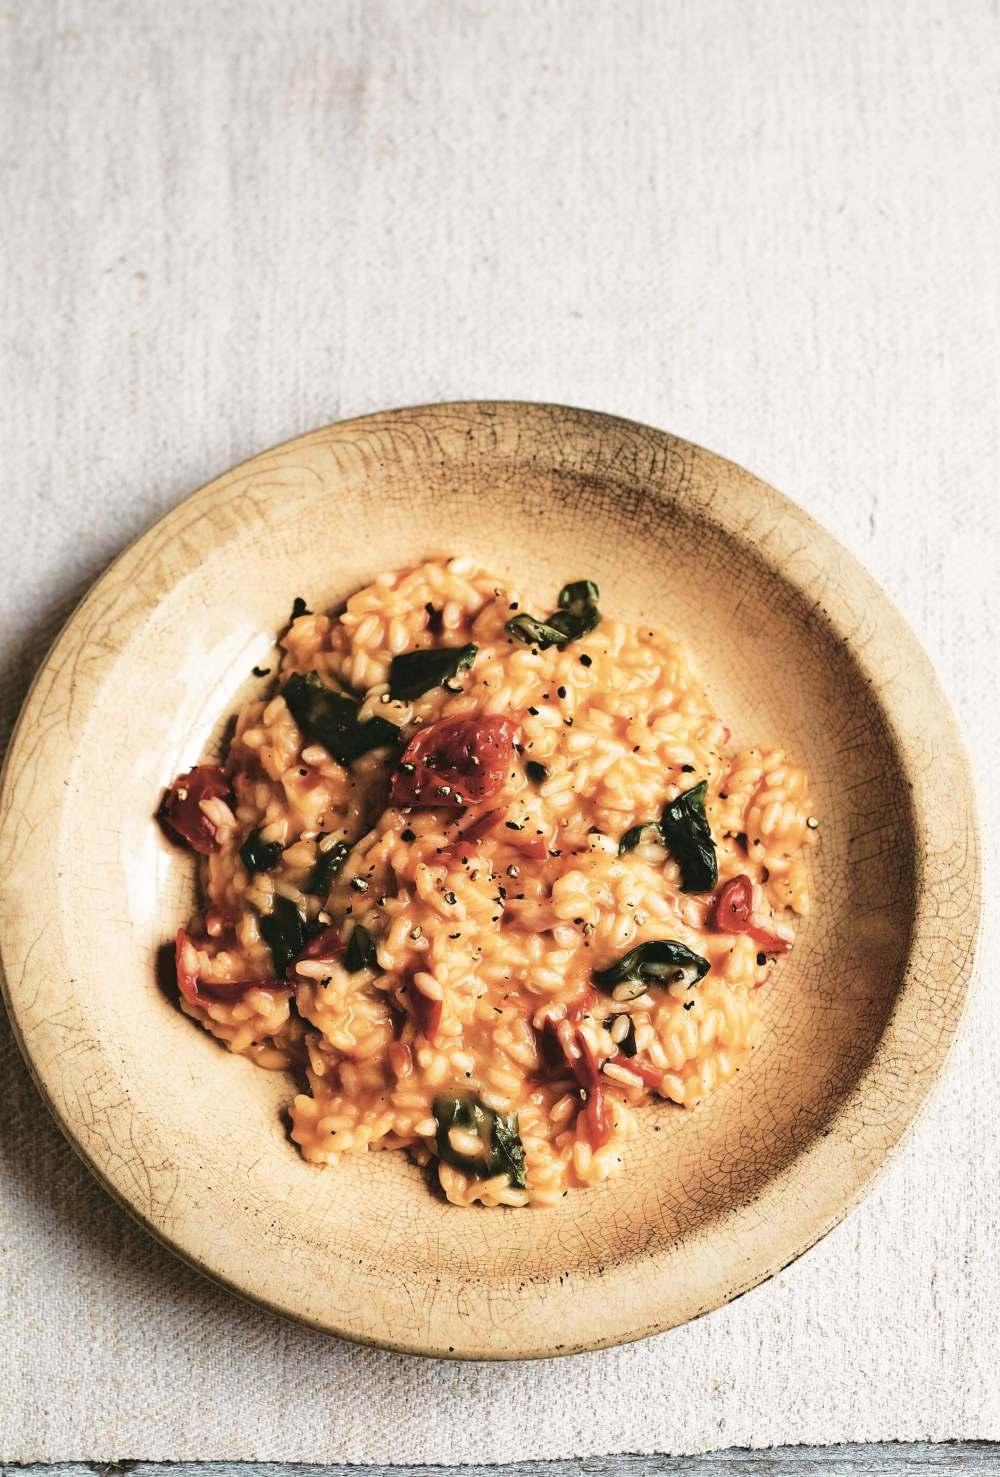 Fast Cook Italian: Gennaro's Risotto Caprese with Tomato, Mozarella and Basil